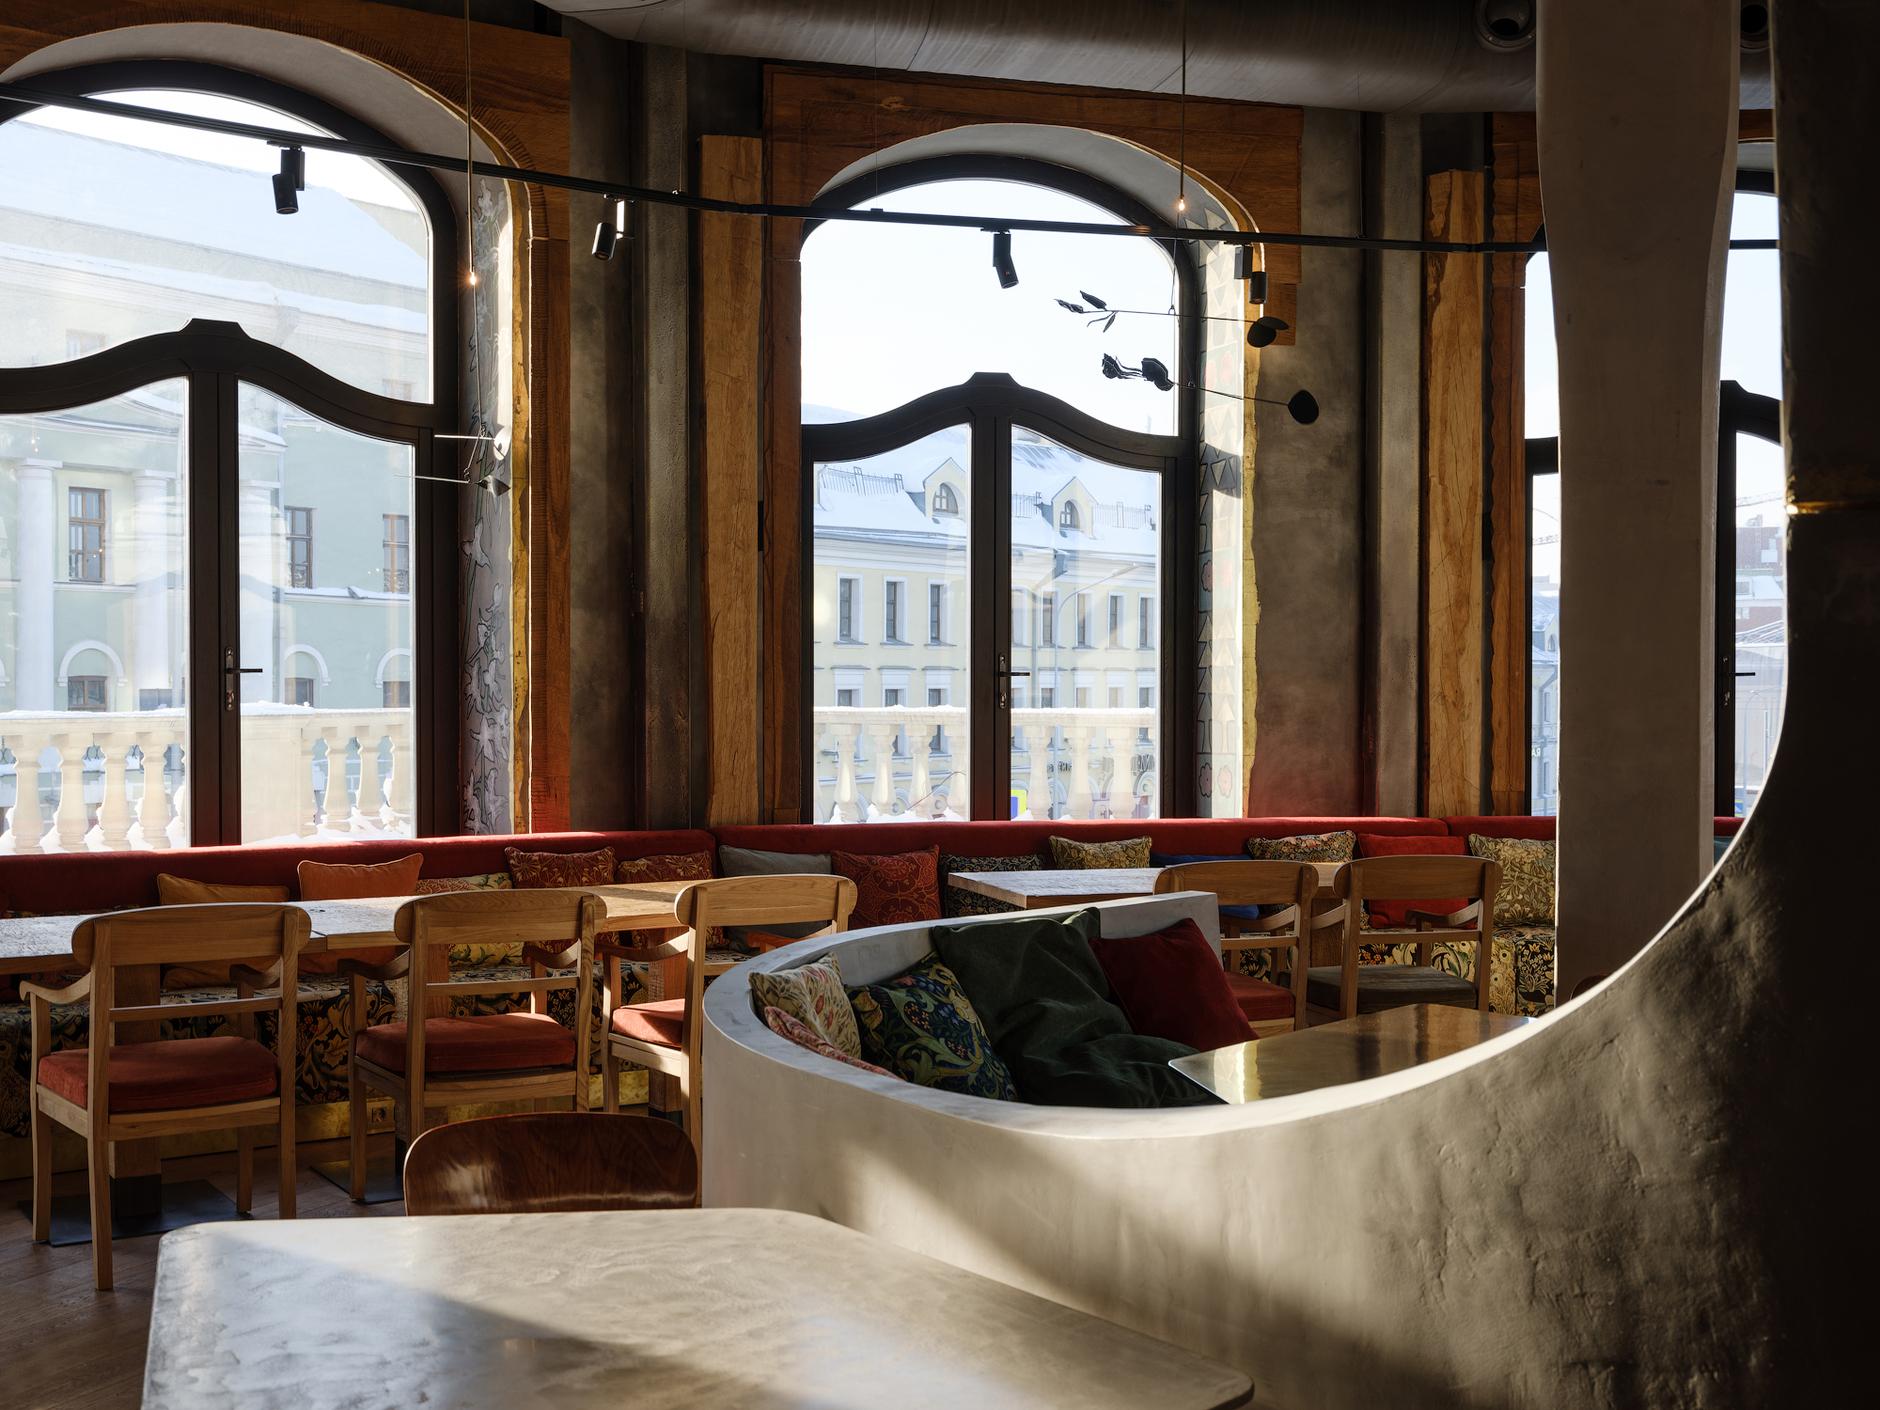 Ресторан «Горыныч»: проект Натальи Белоноговой (галерея 13, фото 2)